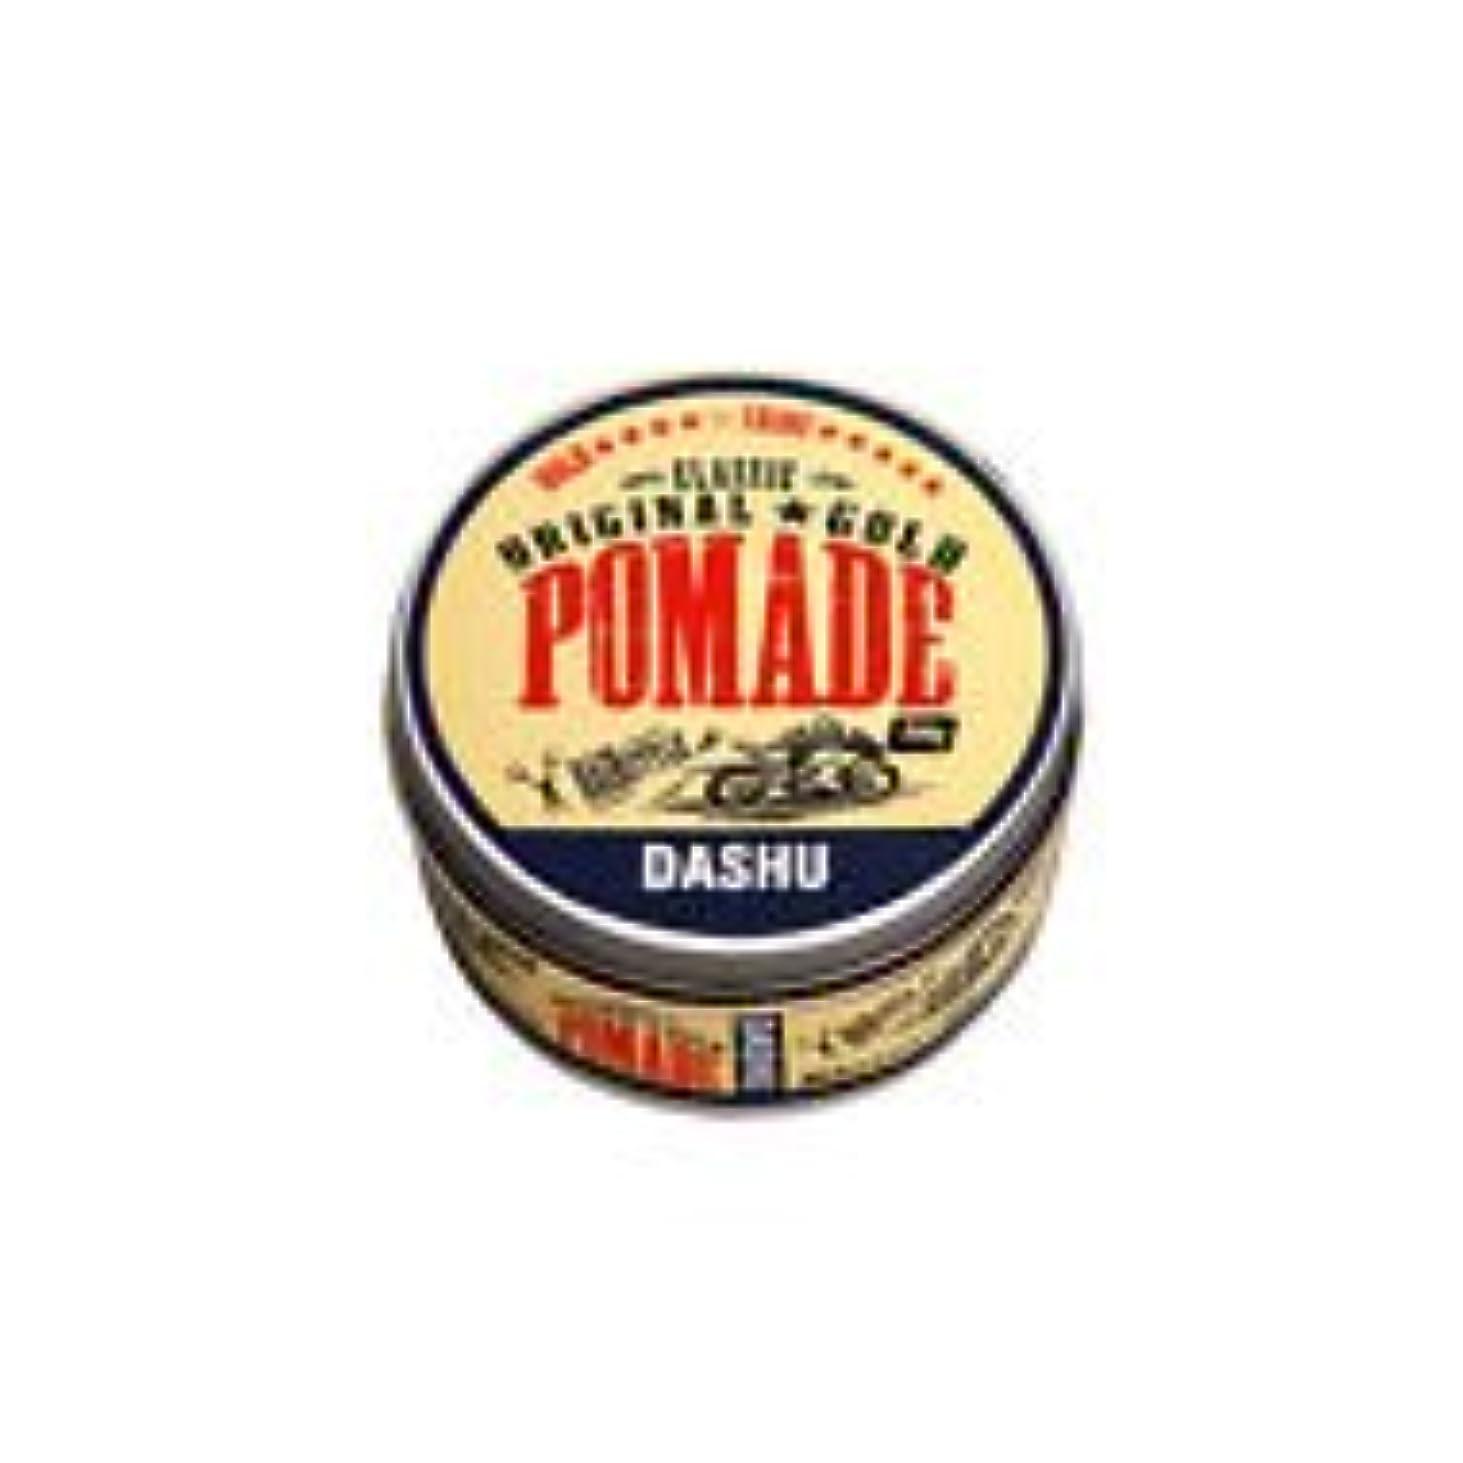 傾いたマトリックスモットー[DASHU] ダシュ クラシックオリジナルゴールドポマードヘアワックス Classic Original Gold Pomade Hair Wax 100ml / 韓国製 . 韓国直送品